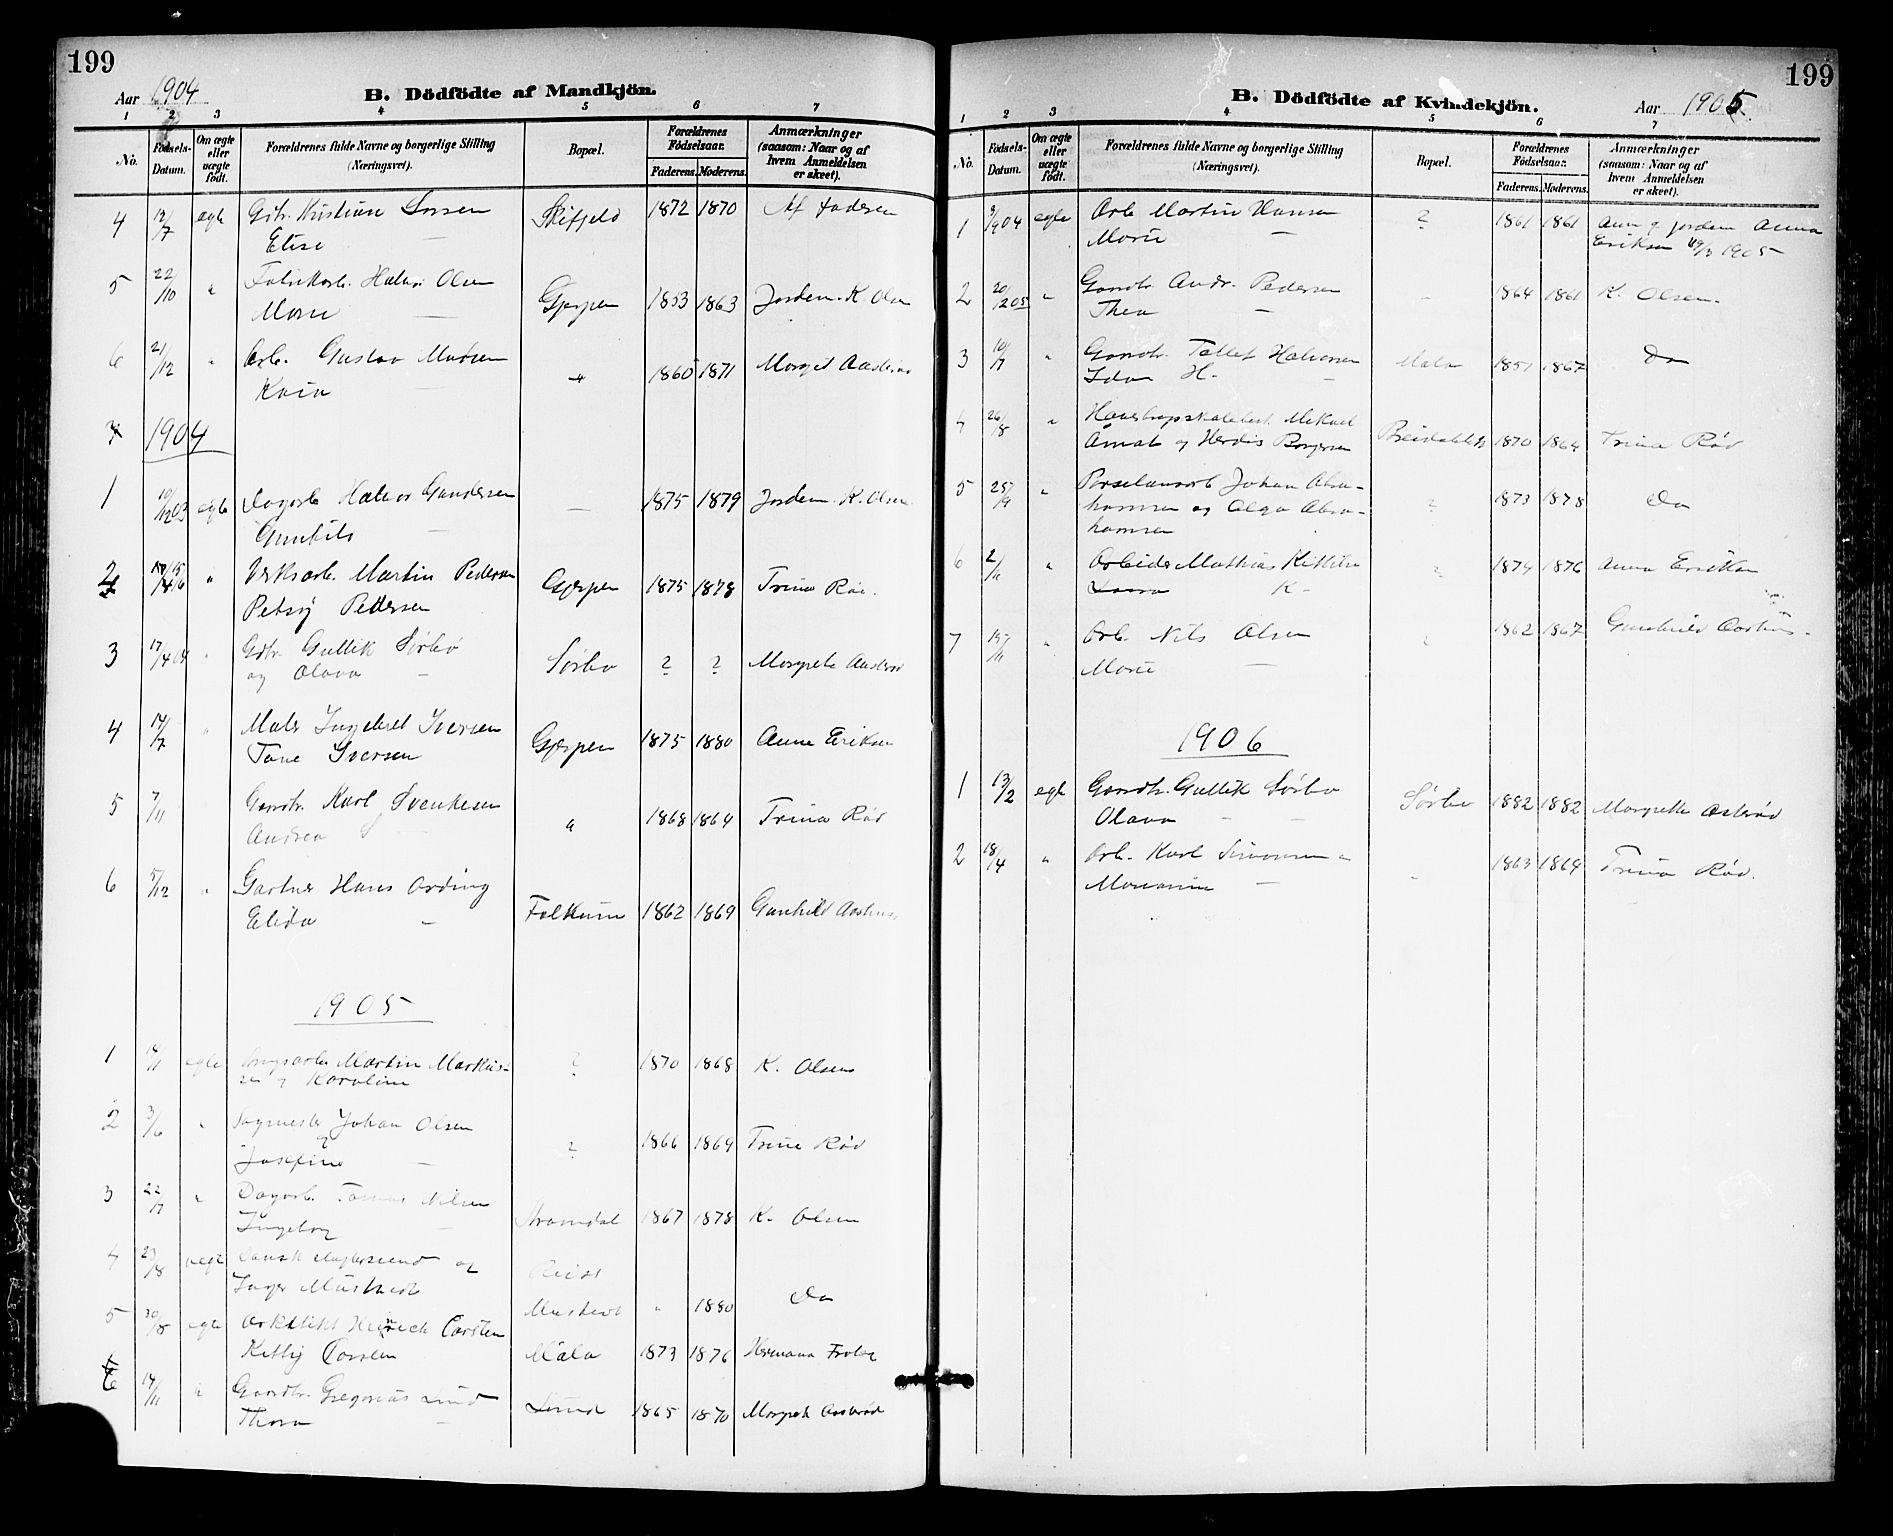 SAKO, Gjerpen kirkebøker, G/Ga/L0003: Klokkerbok nr. I 3, 1901-1919, s. 199